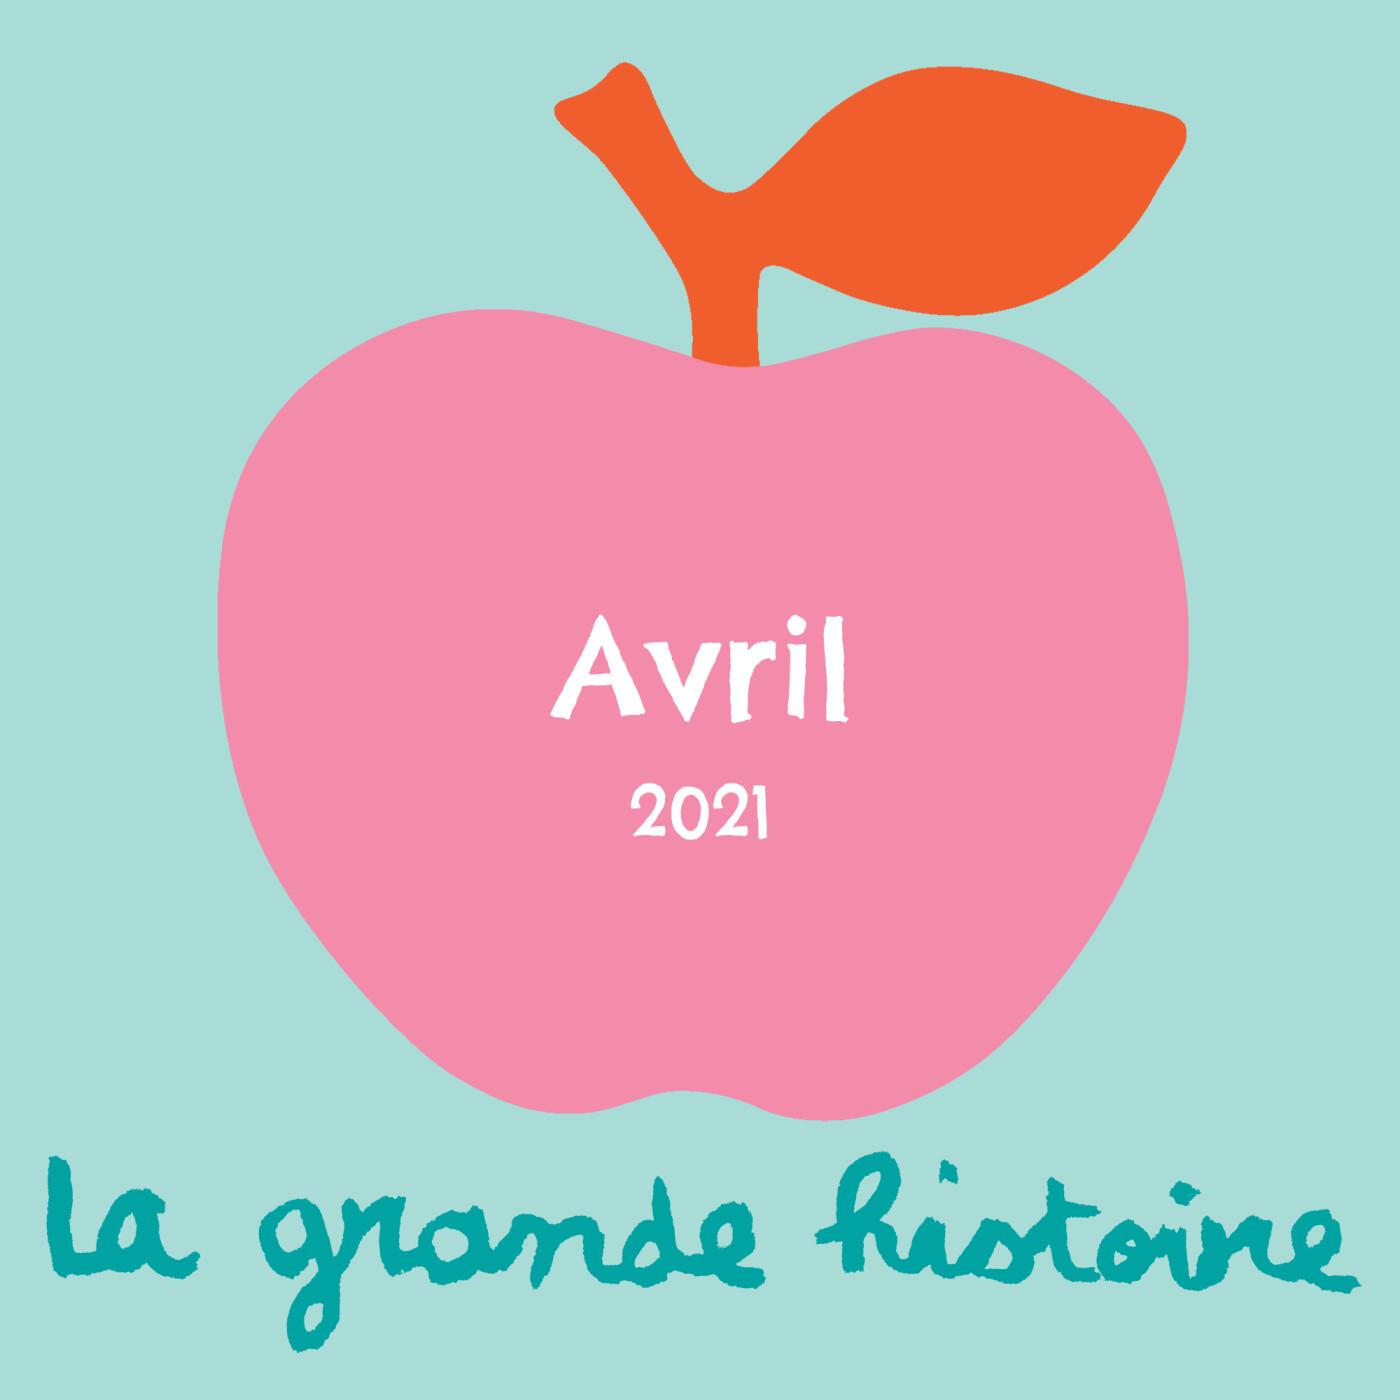 Avril 2021 - Lili et la graine magique